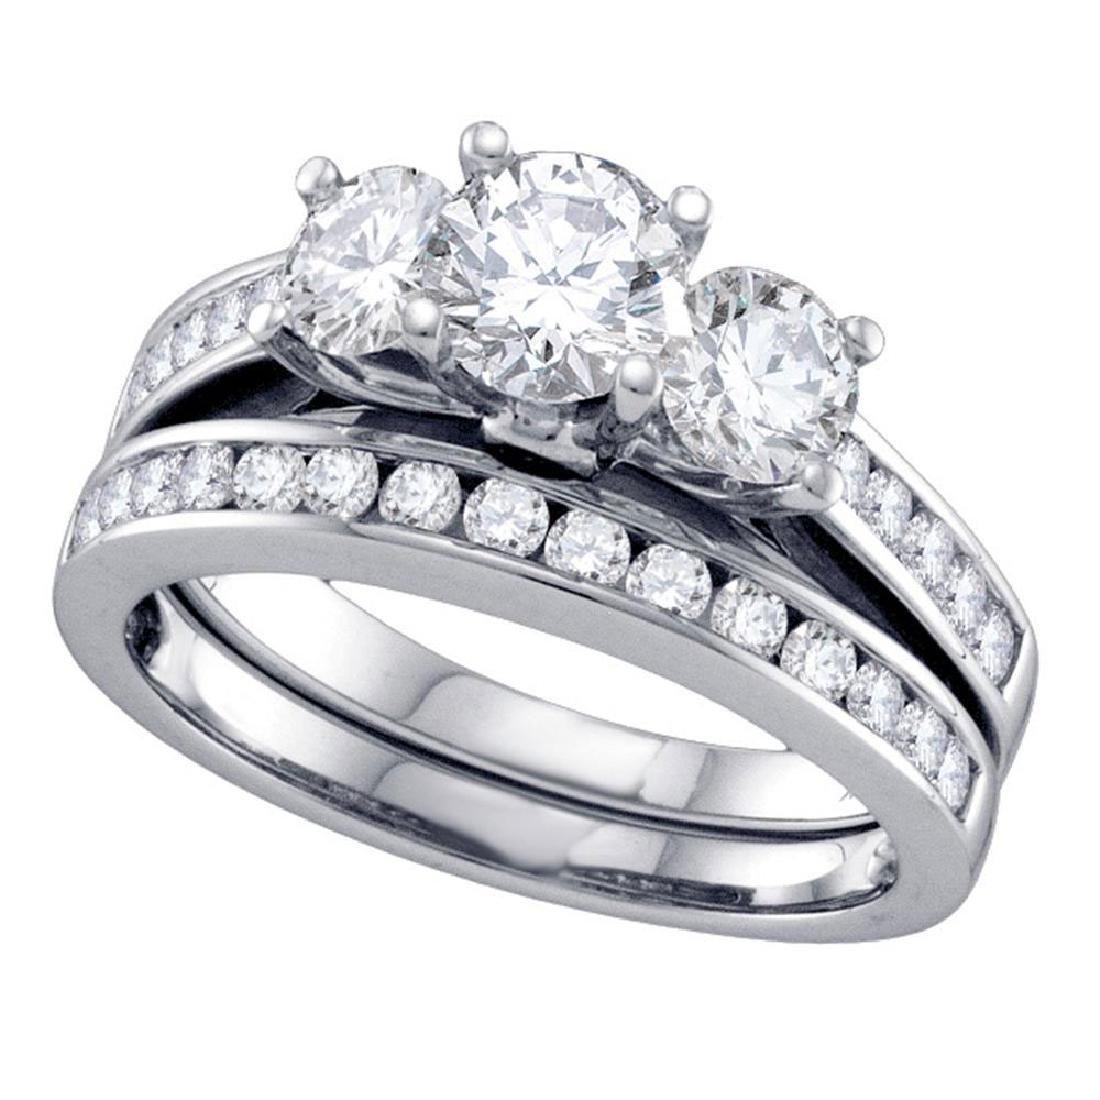 14k White Gold Round 3-Stone Diamond Bridal Wedding Eng